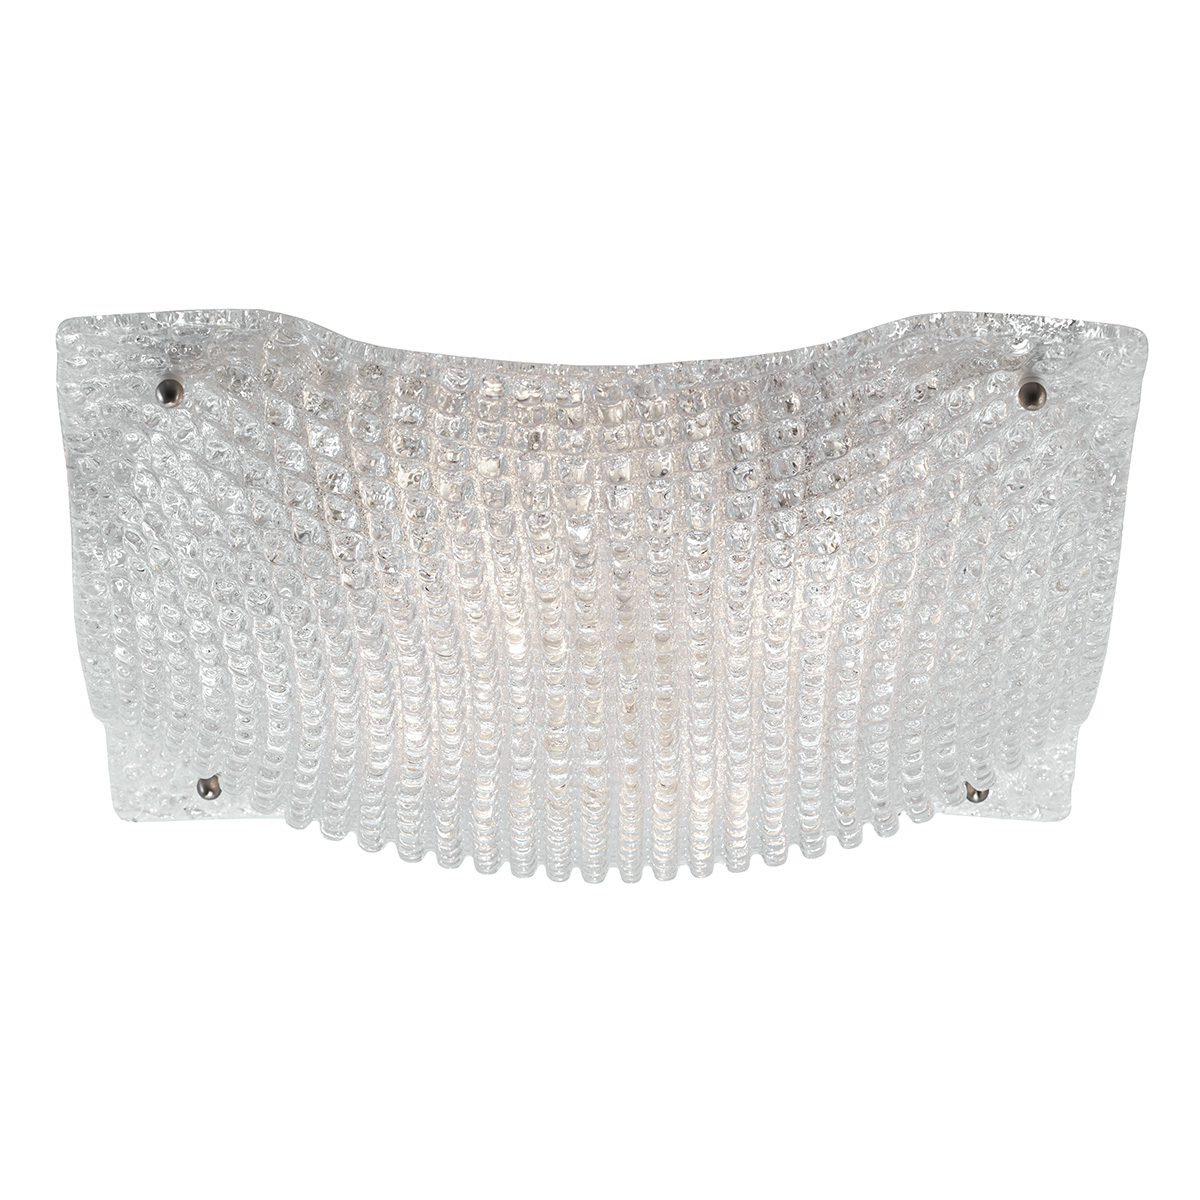 Πλαφονιέρα με λευκό κρύσταλλο Μουράνο ΜΑΝΤΗΛΙ classic white Murano crystal ceiling lamp